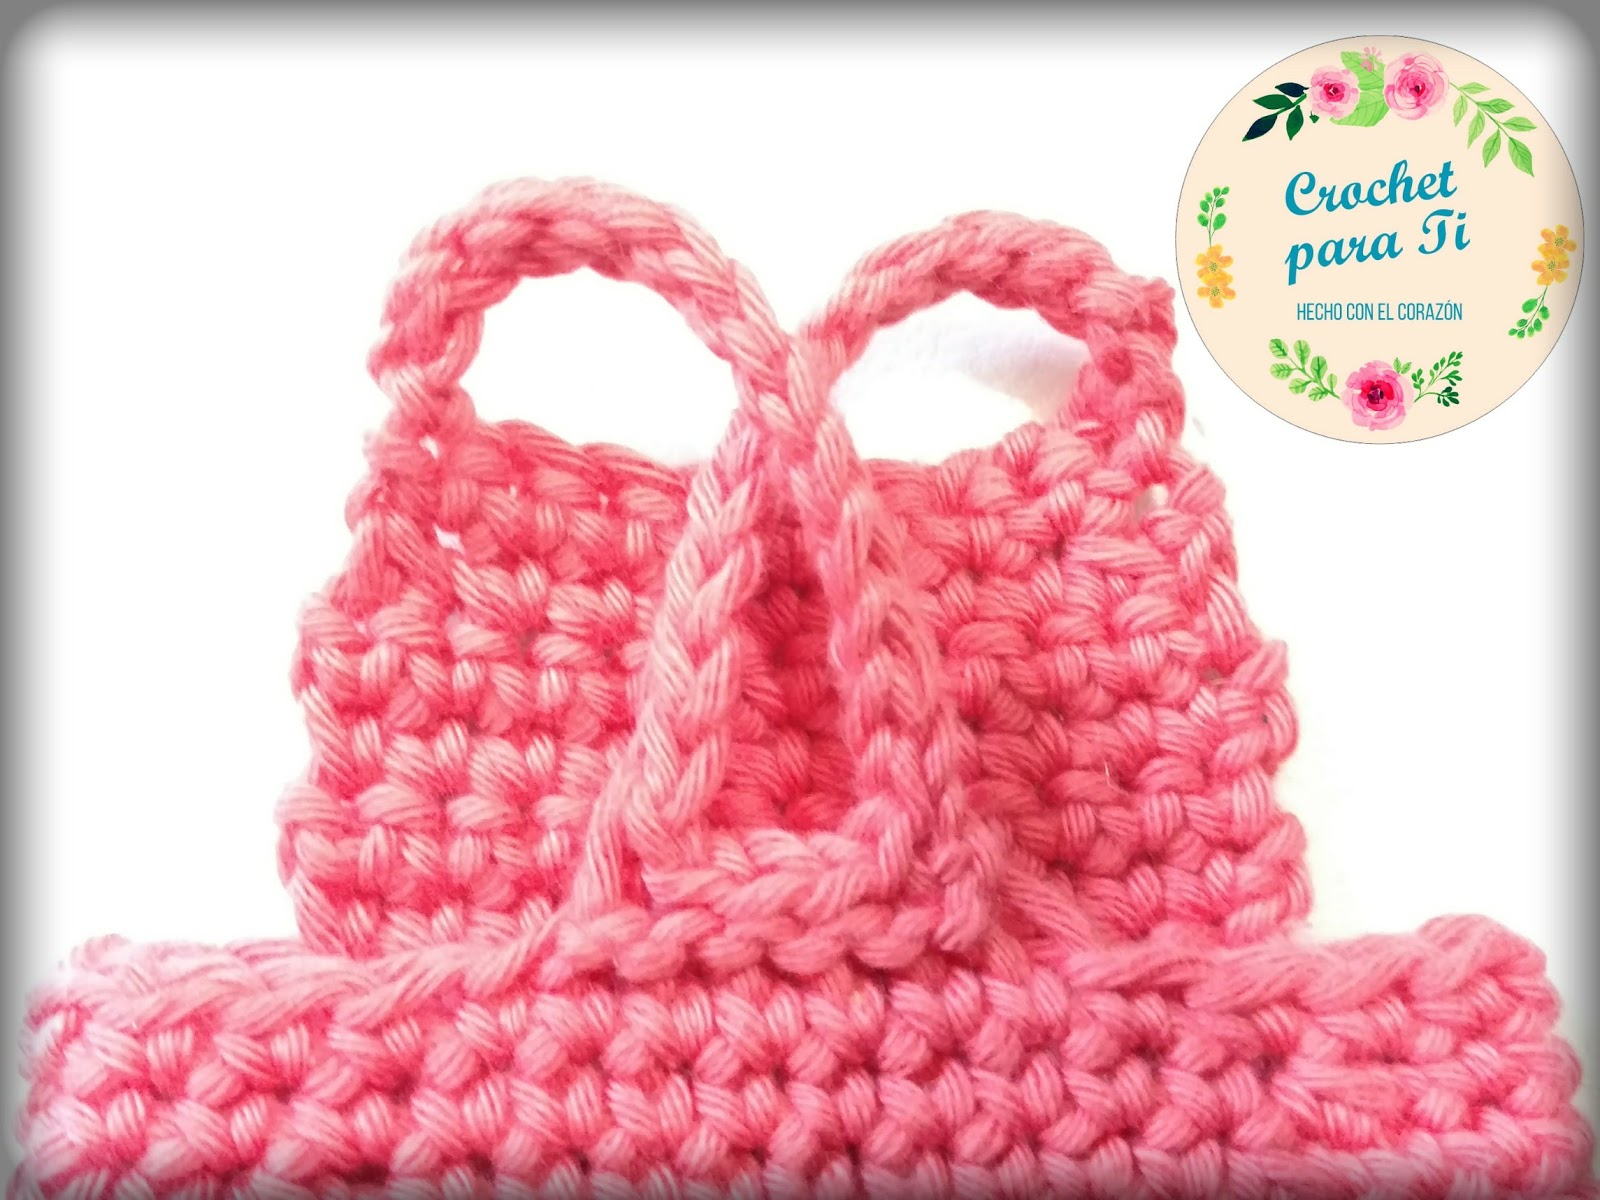 Crochet para Ti